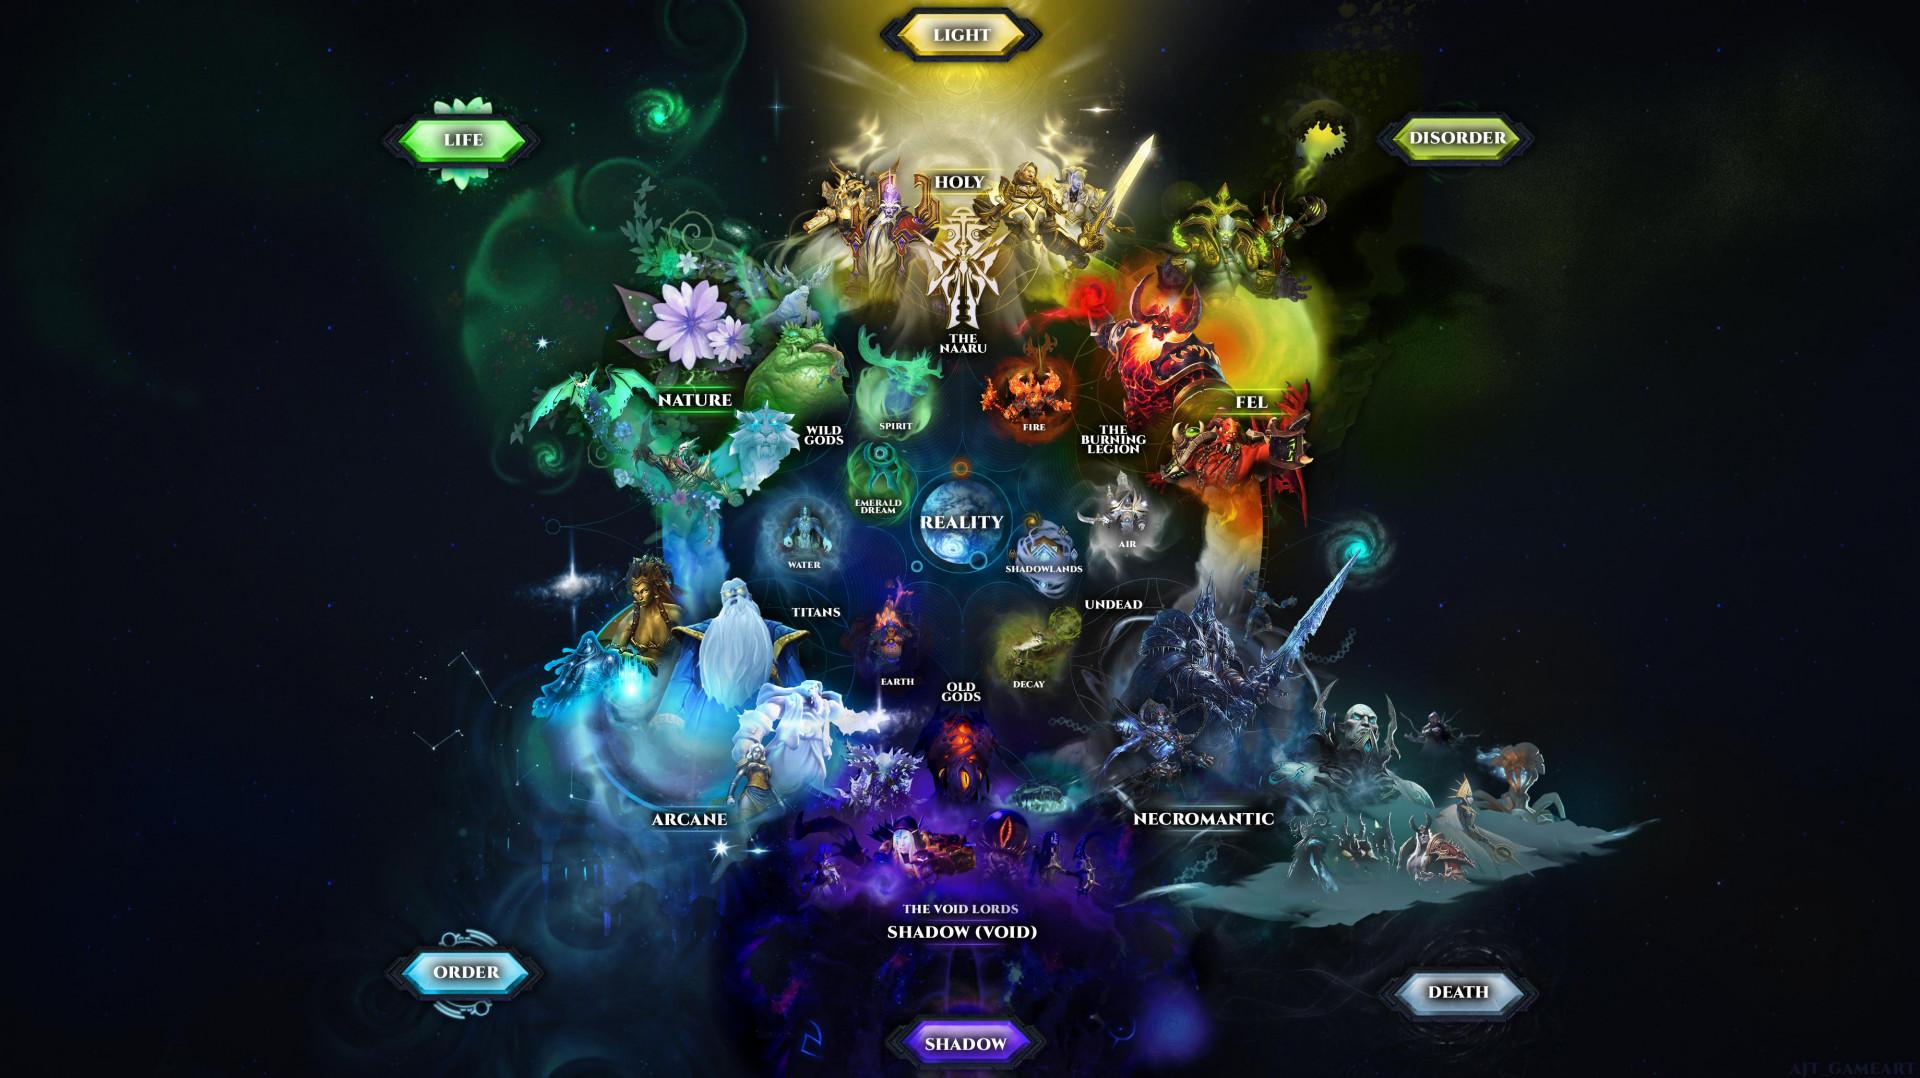 Ведущий дизайнер повествования World of Warcraft рассказал о смерти и Дреке